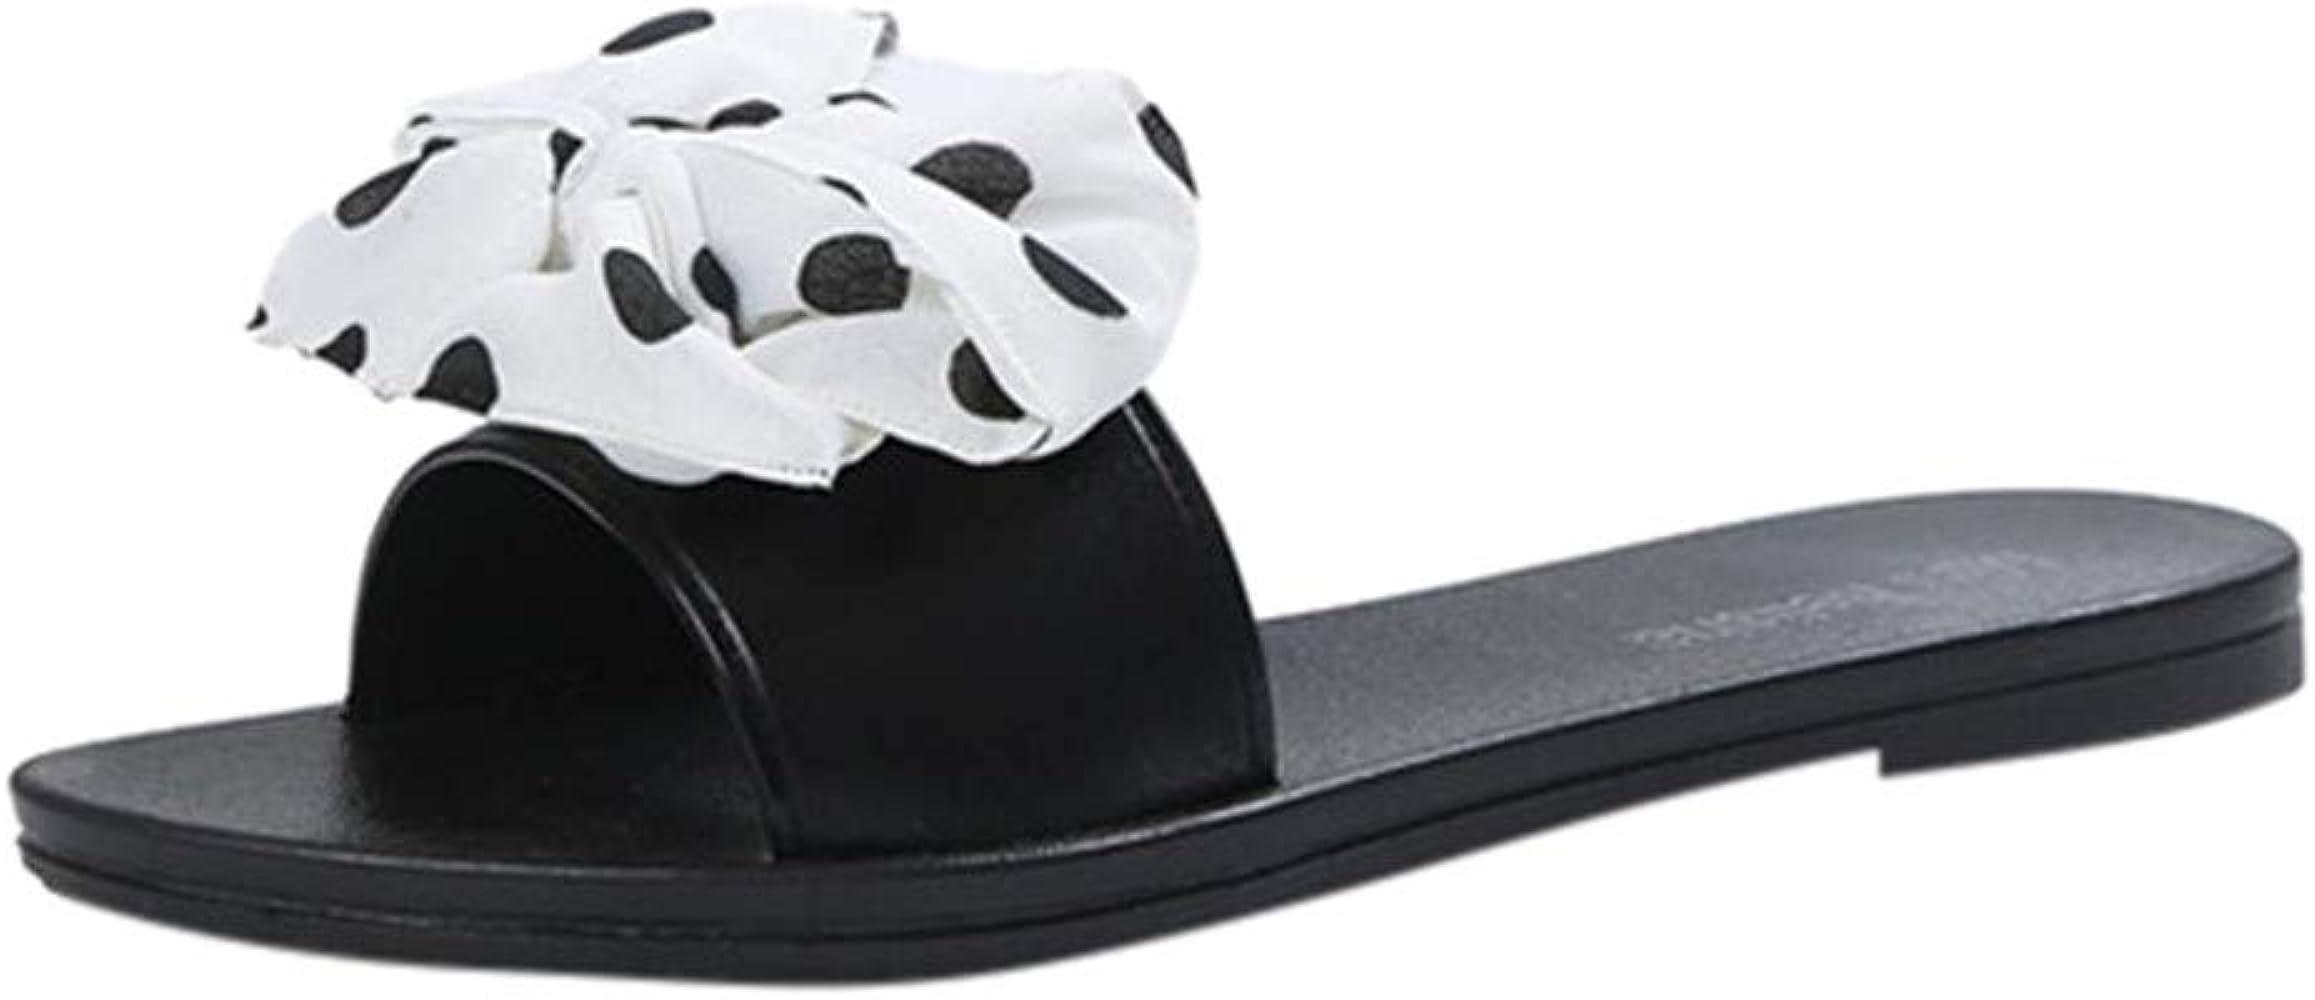 Chaussures De Plage Printemps Et en été,Mounter 2019